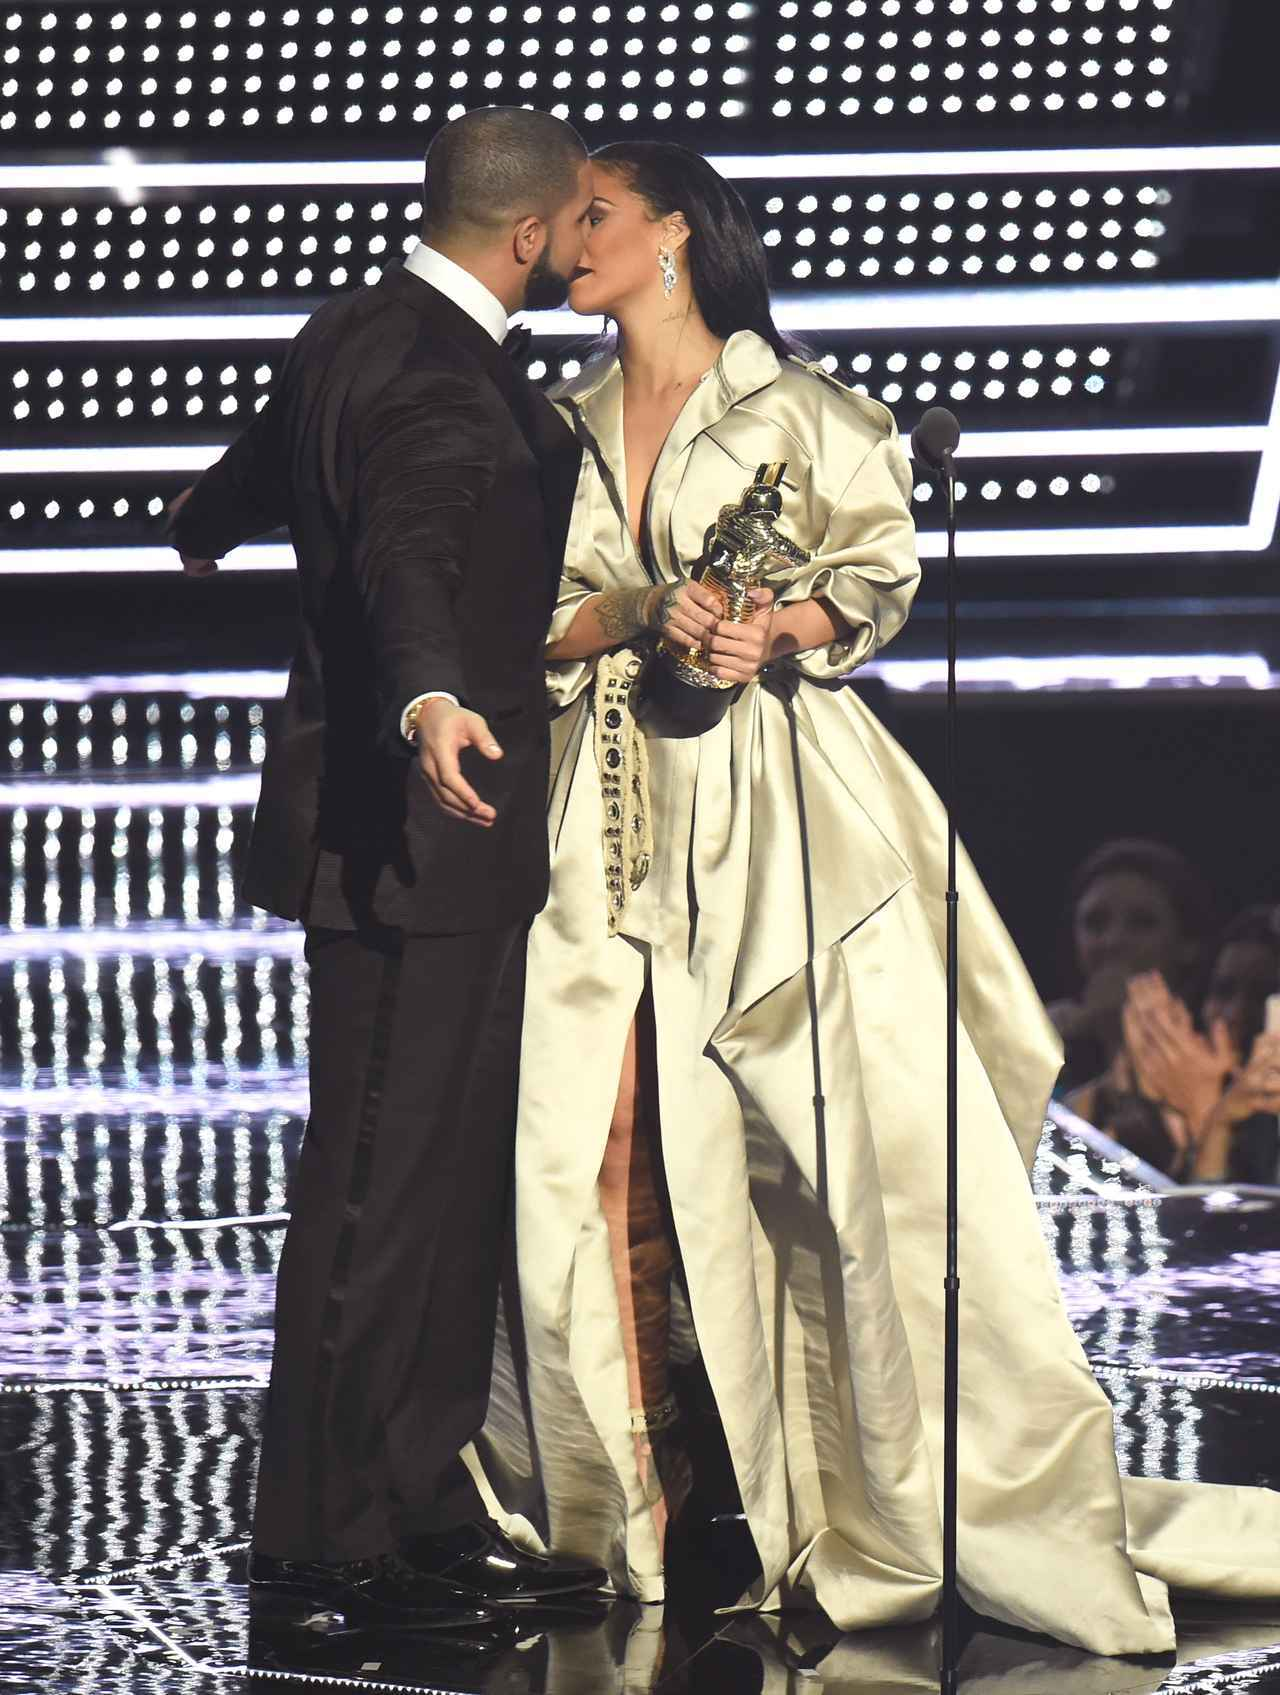 画像1: ドレイク&リアーナが舞台で交際アピール?